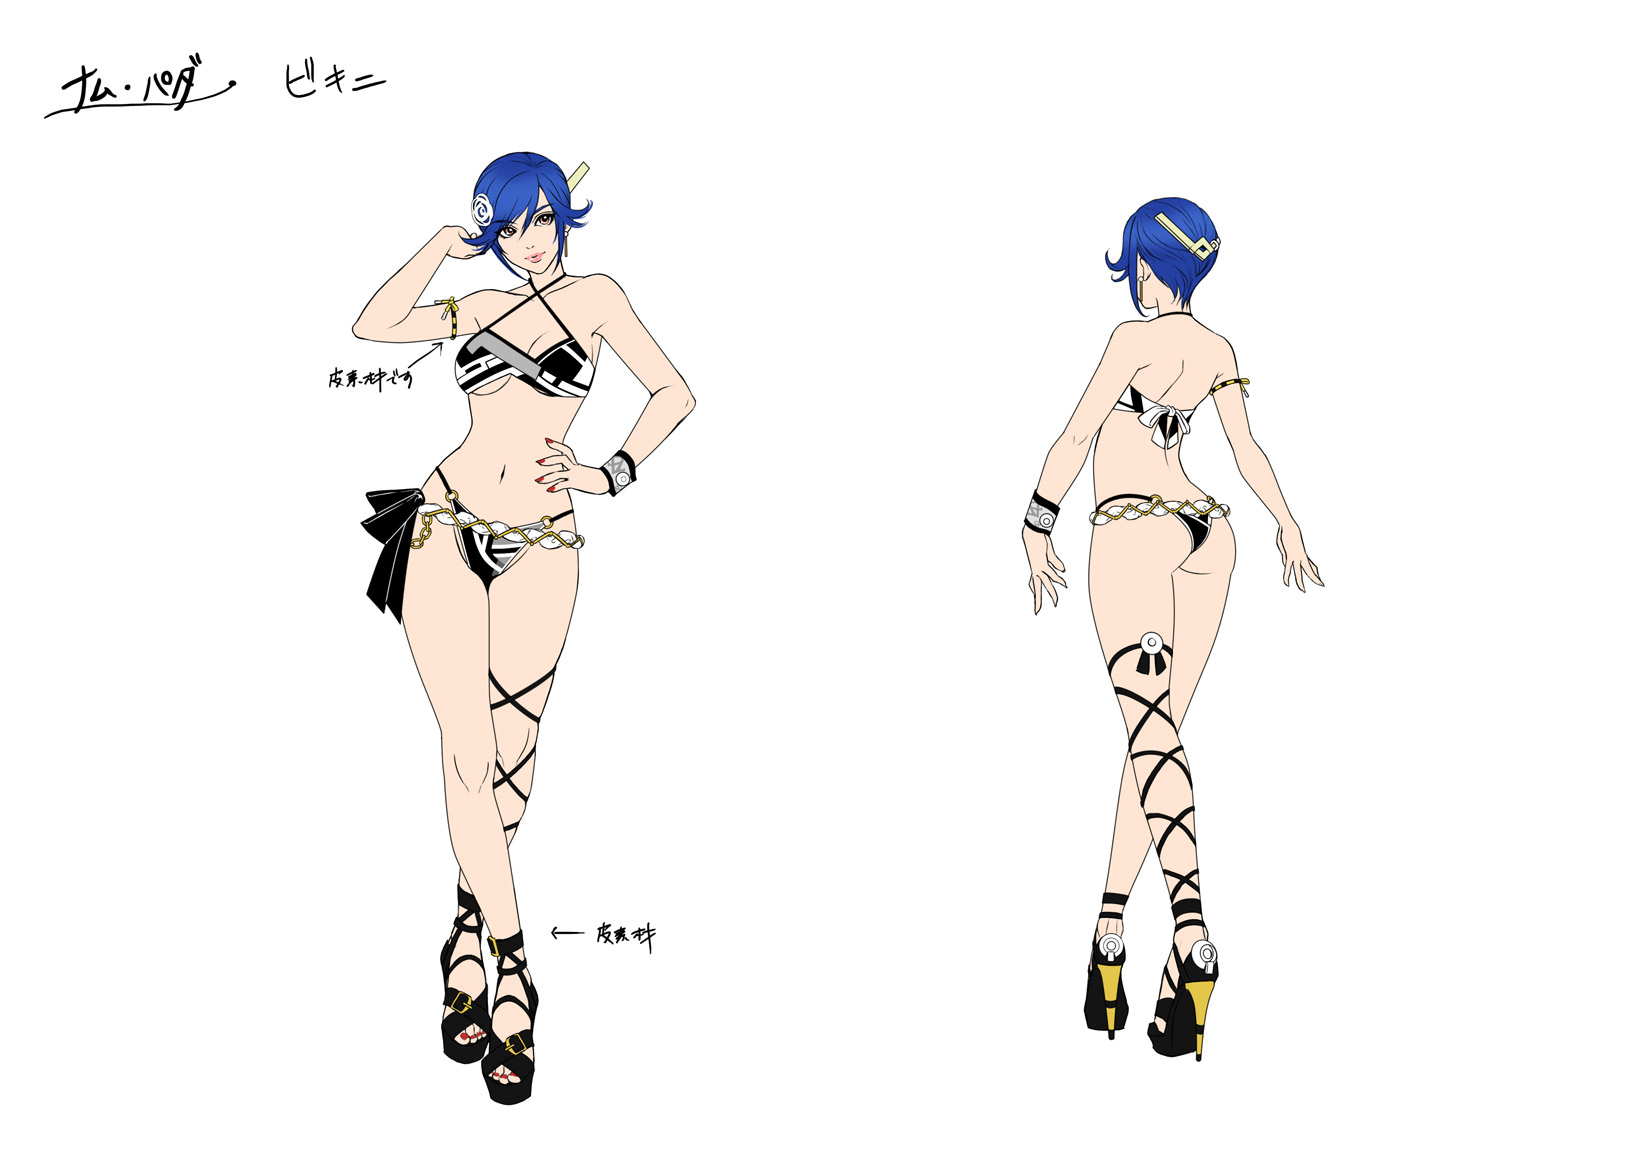 キャラクター設定画2